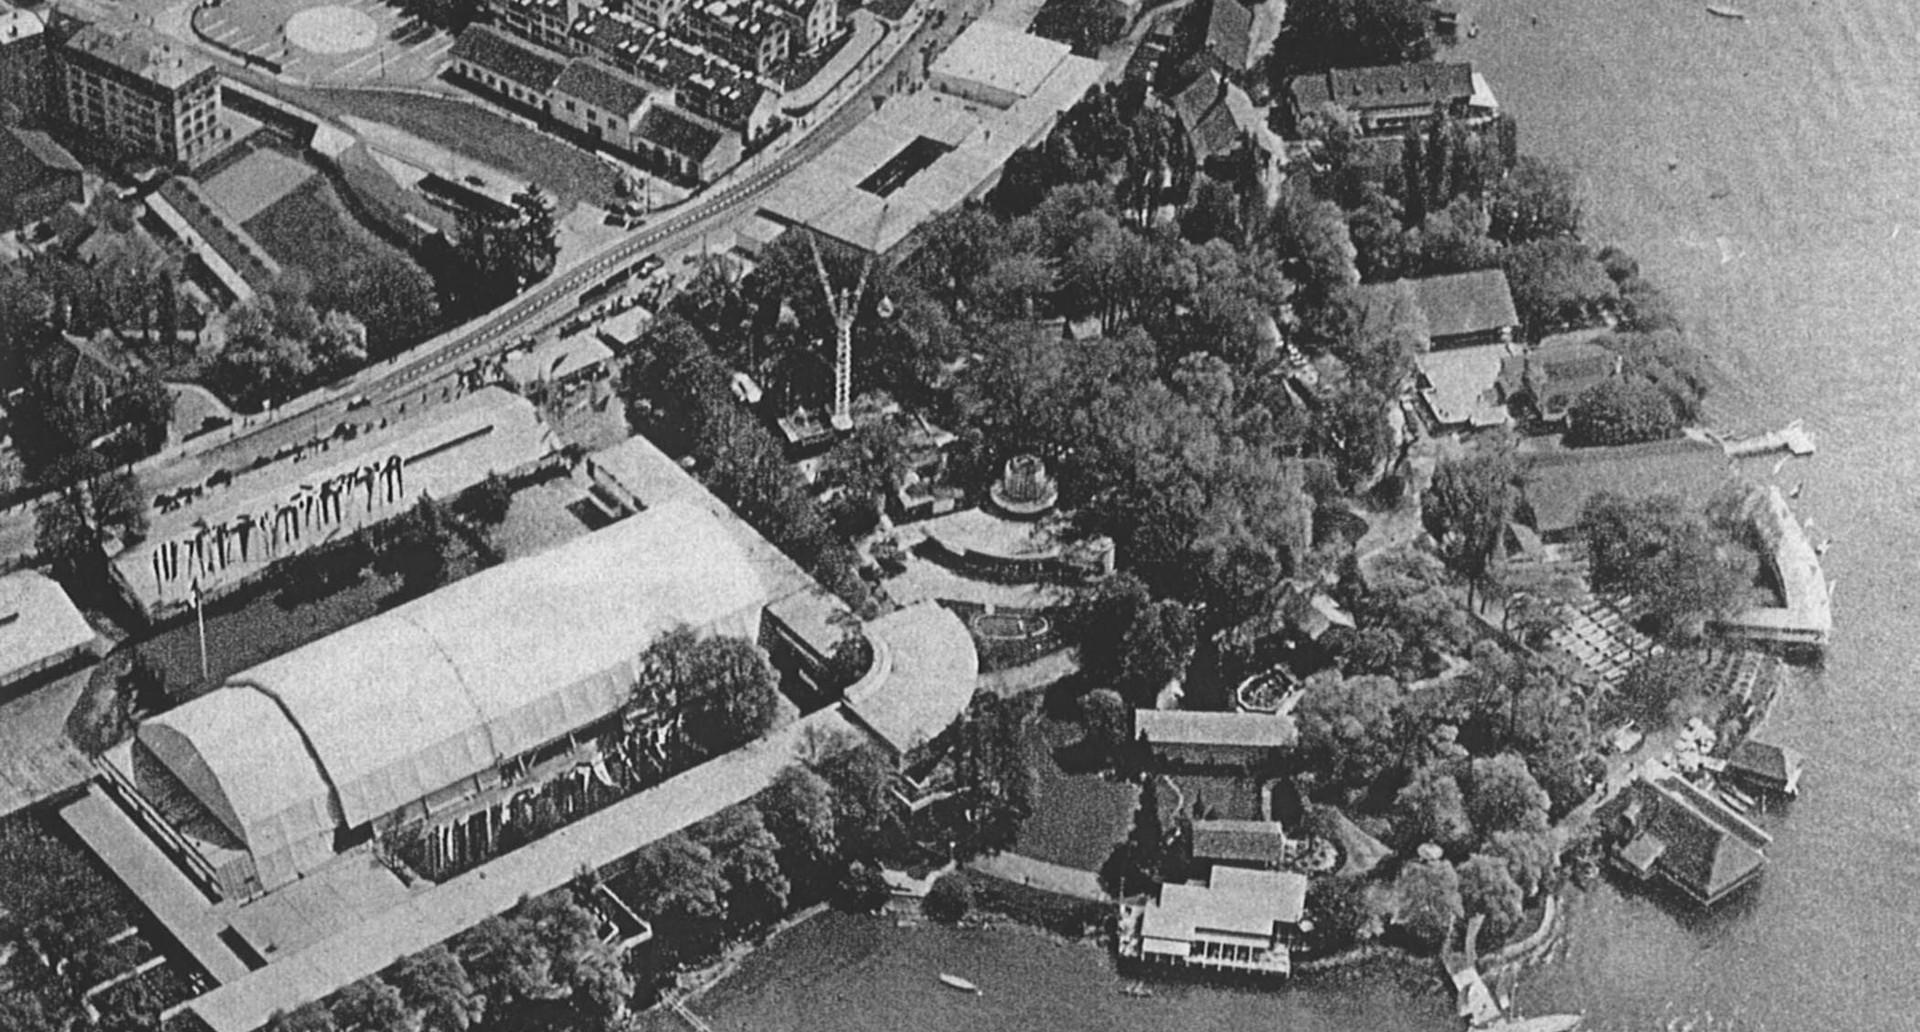 Quelle: Stadt Zürich Hochbaudepartement – Landidörfli 1939